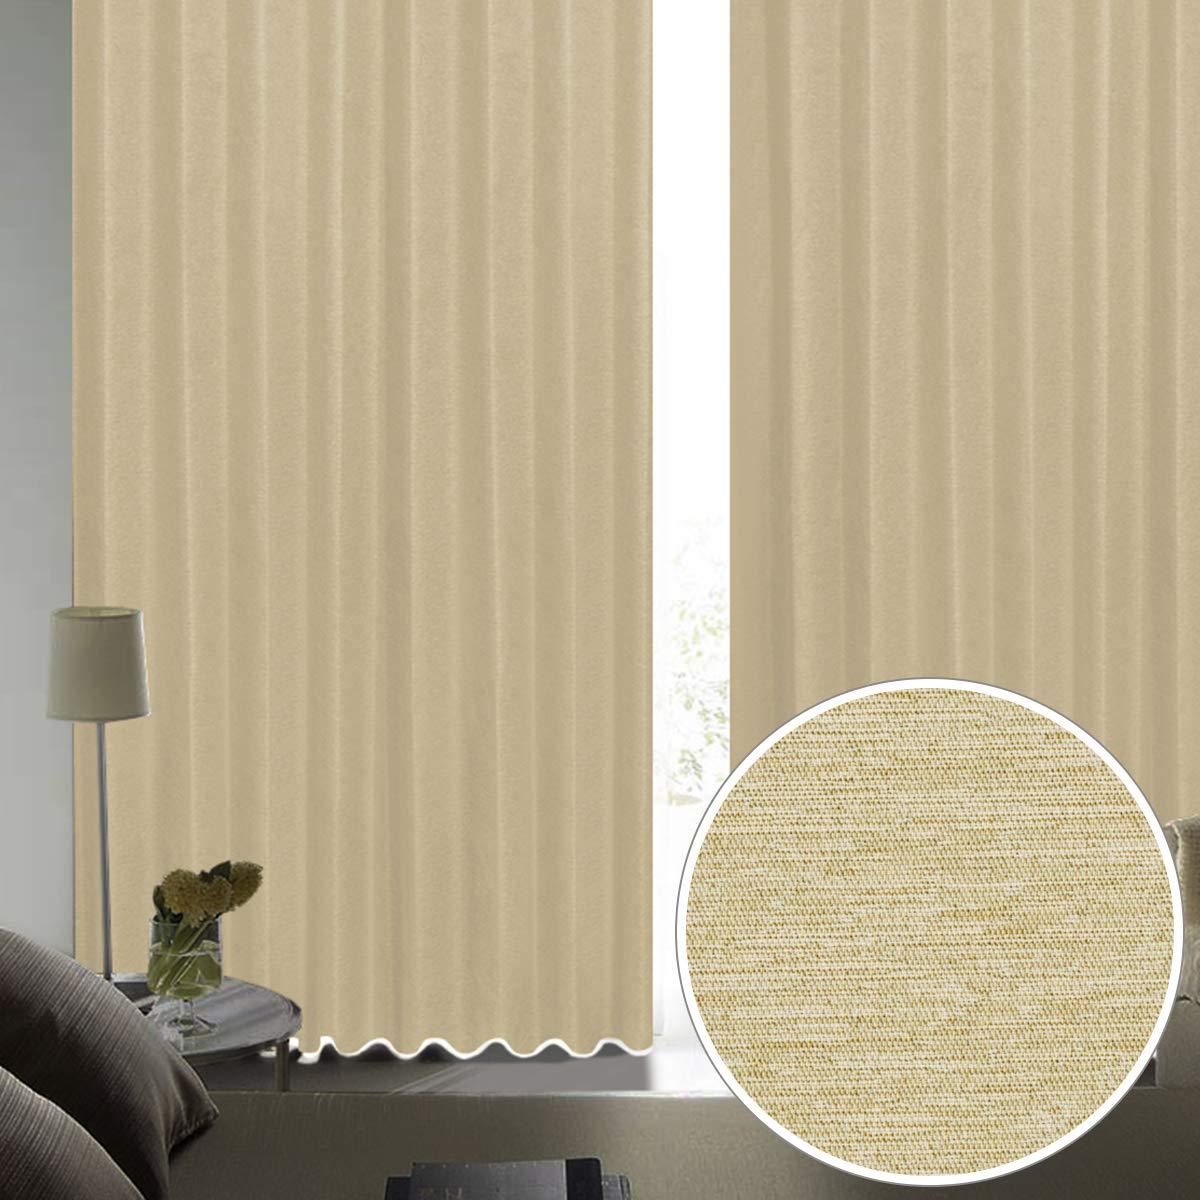 【完全遮光生地の特殊高断熱カーテン】高断熱 静 遮光1級 断熱遮熱カーテン「SHIZUKA」全12色 サイズ:(幅)125×(丈)120cm×2枚入 色:ターコイズ/サービスサイズ / Bフック B07GKT2BRK (幅)125×(丈)120cm×2枚入,ターコイズ